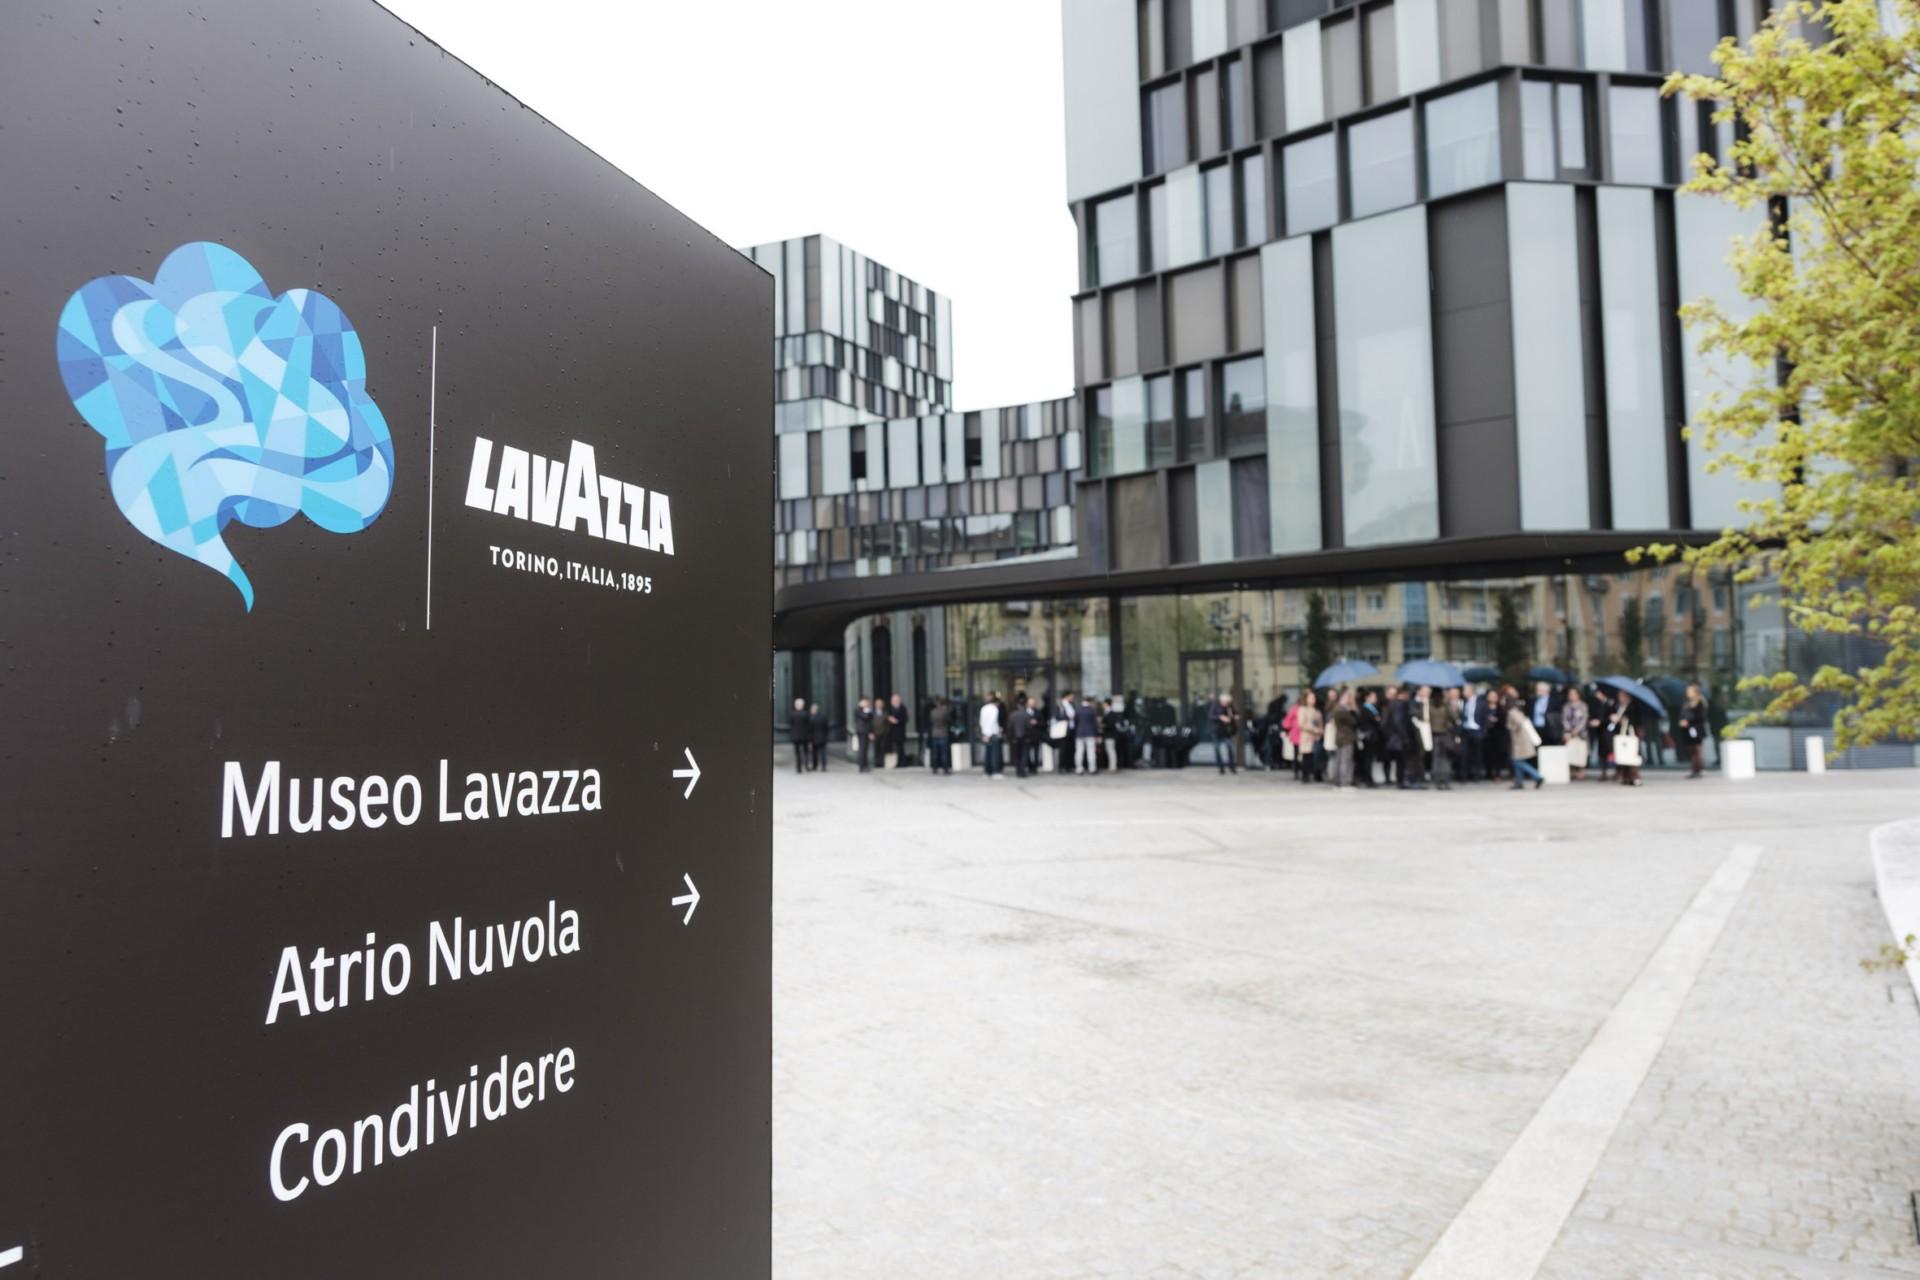 Cino Zucchi, Ferran Adrià e Federico Zanasi, Dante Ferretti e Ralph Appelbaum per Nuvola Lavazza Torino